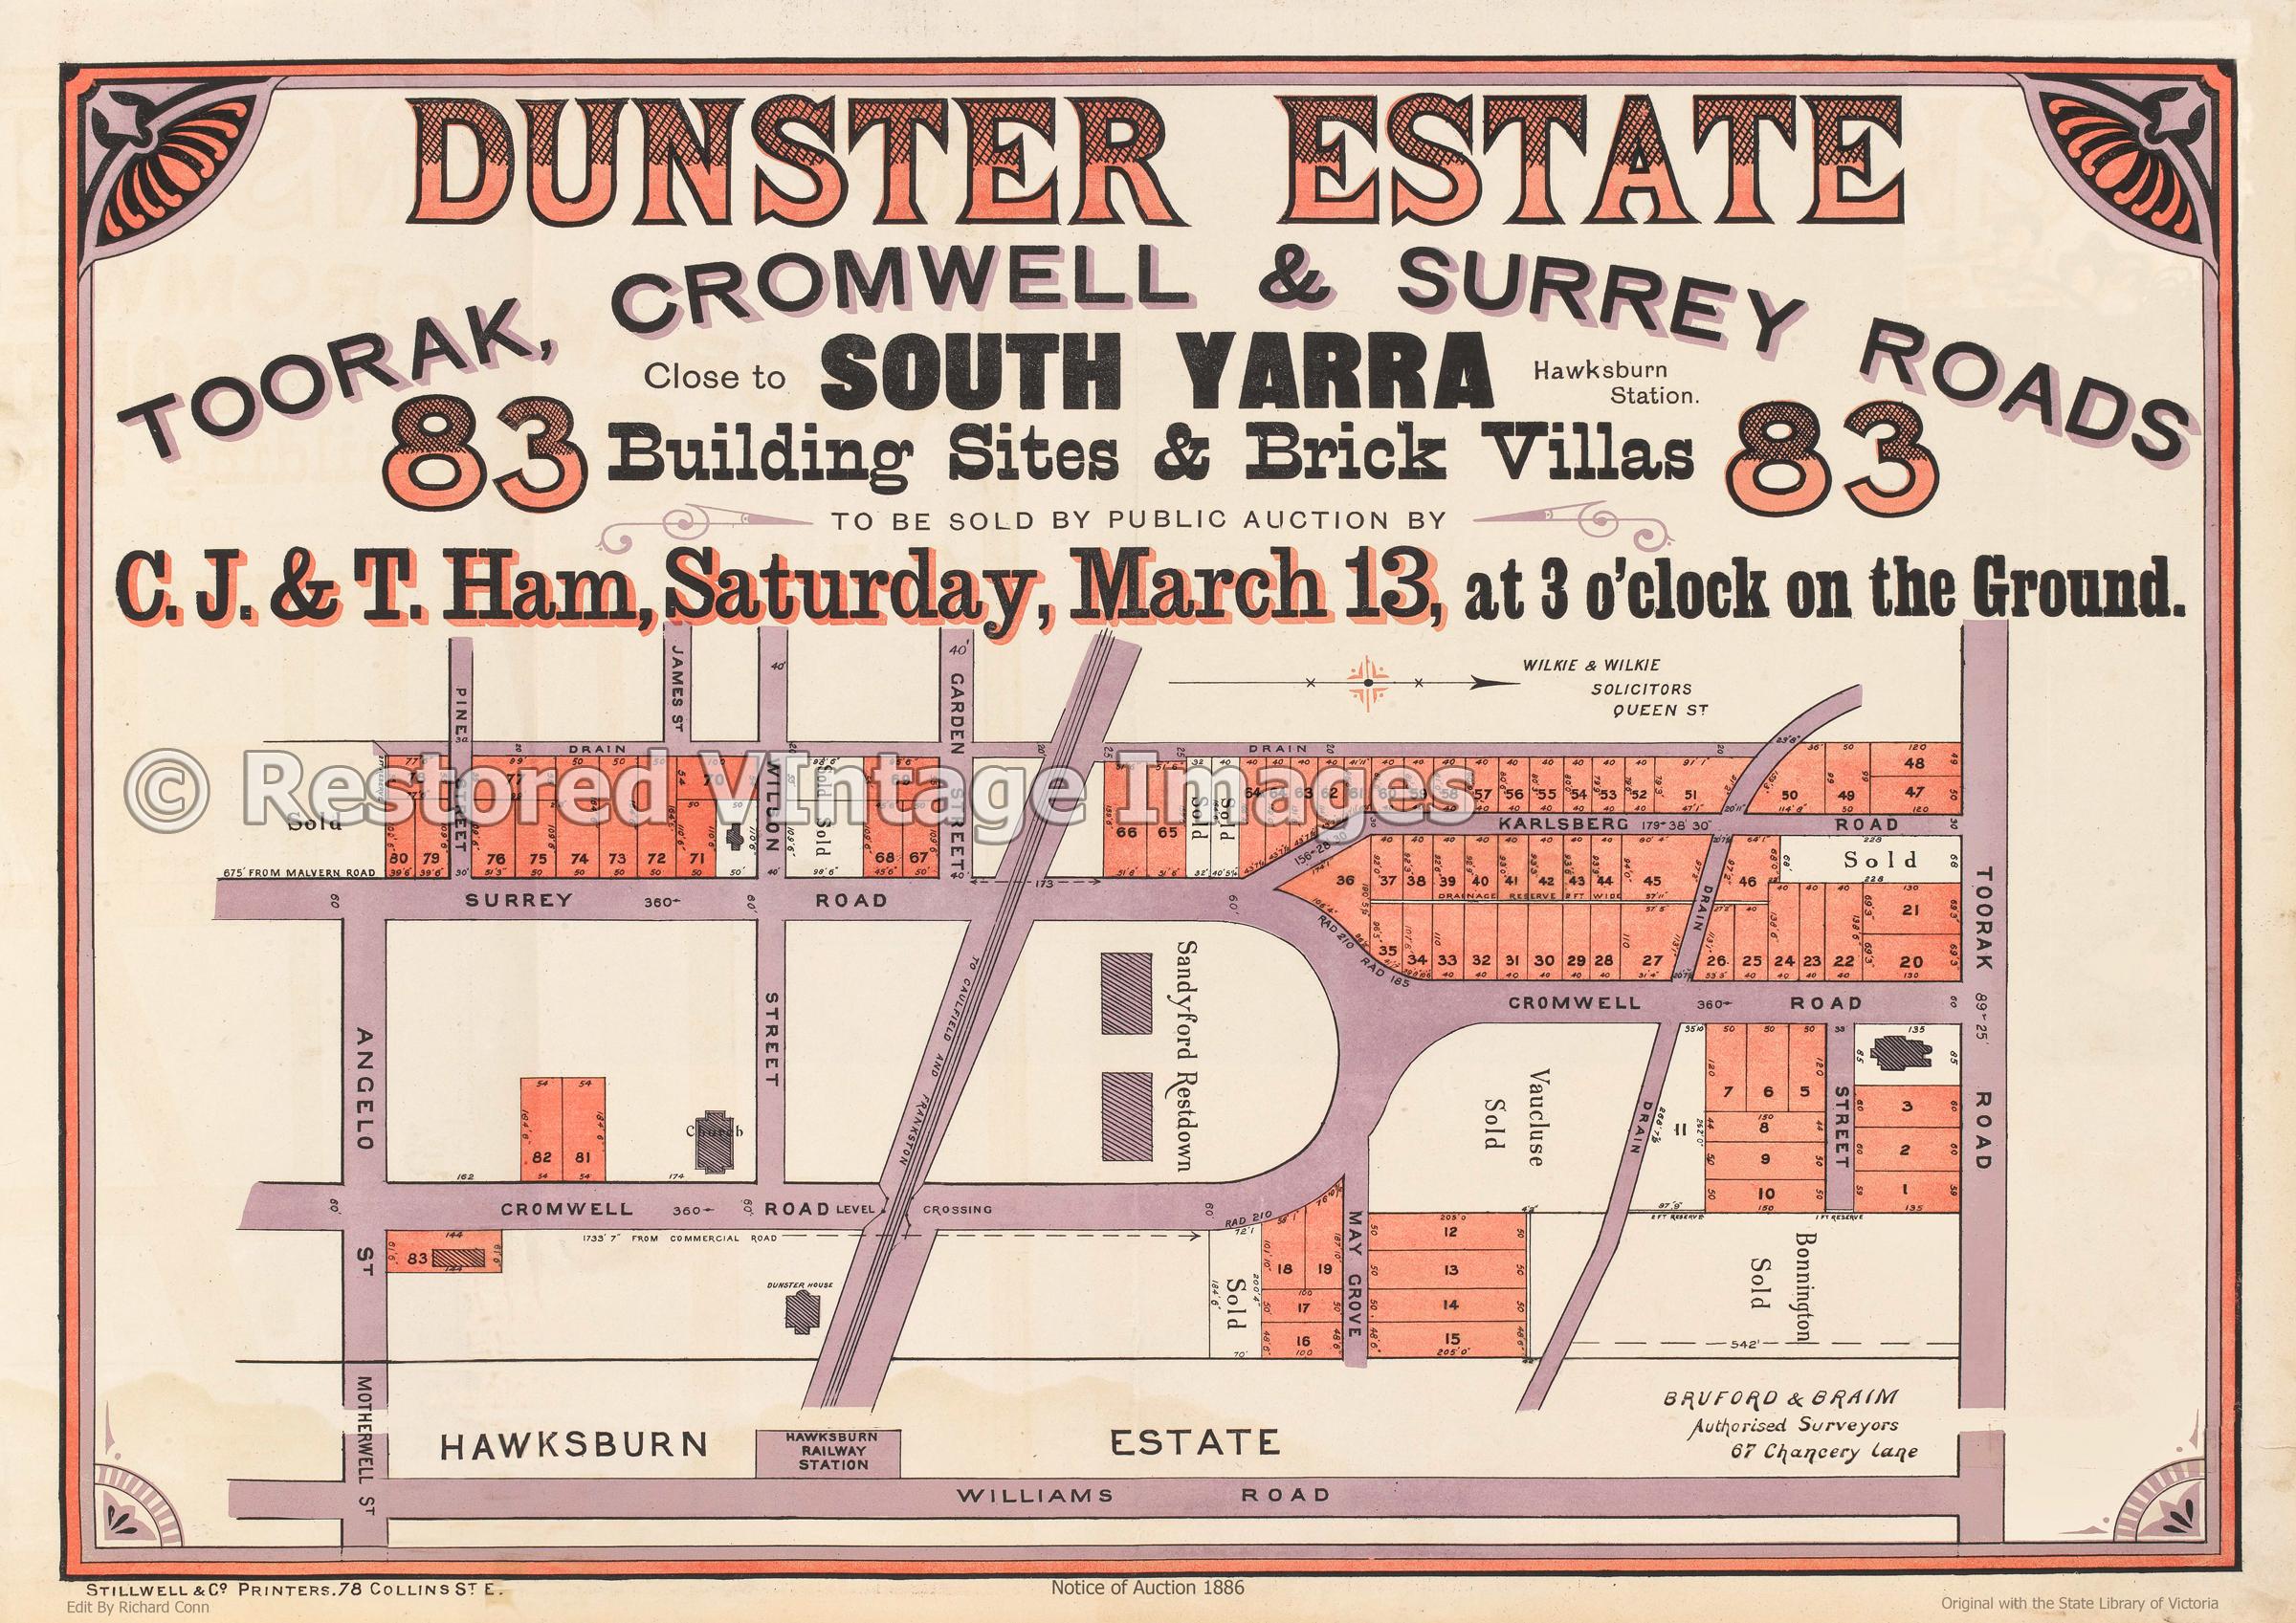 Dunster Estate South Yarra, 1886